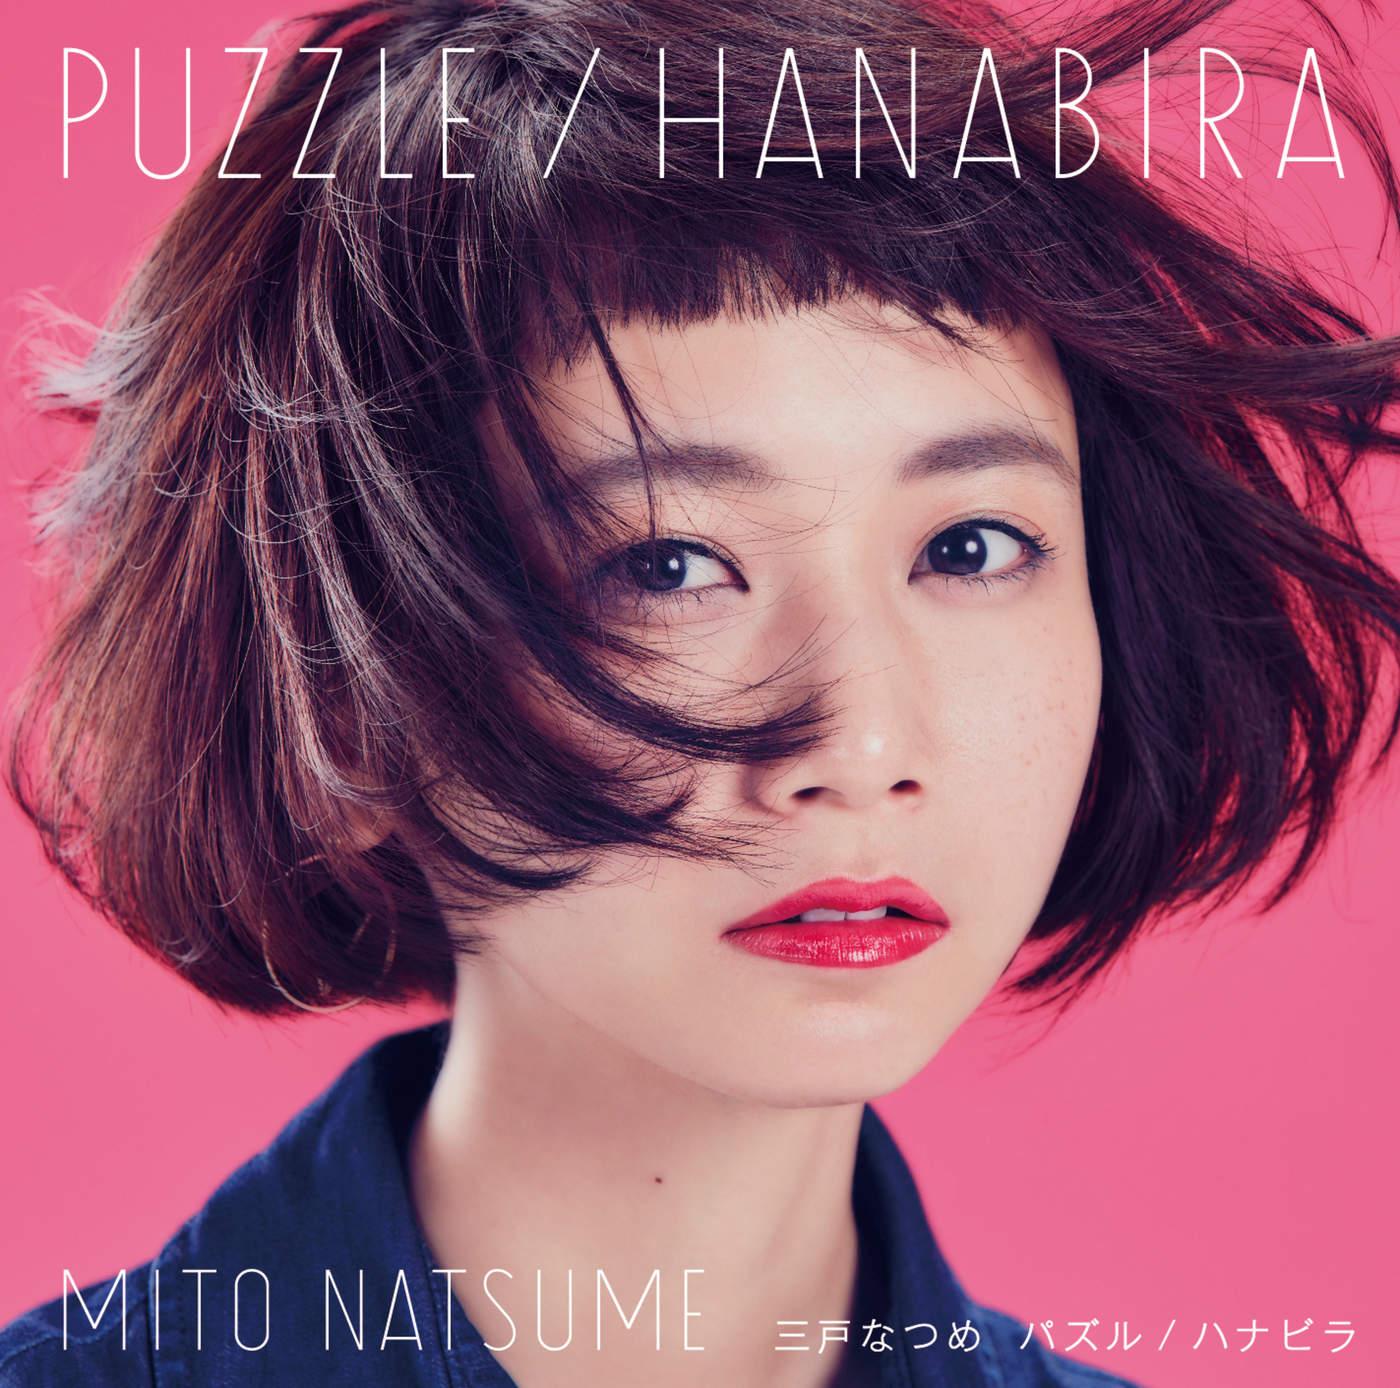 20170415.0846.20 Natsume Mito - Puzzle ~ Hanabira (M4A) cover.jpg